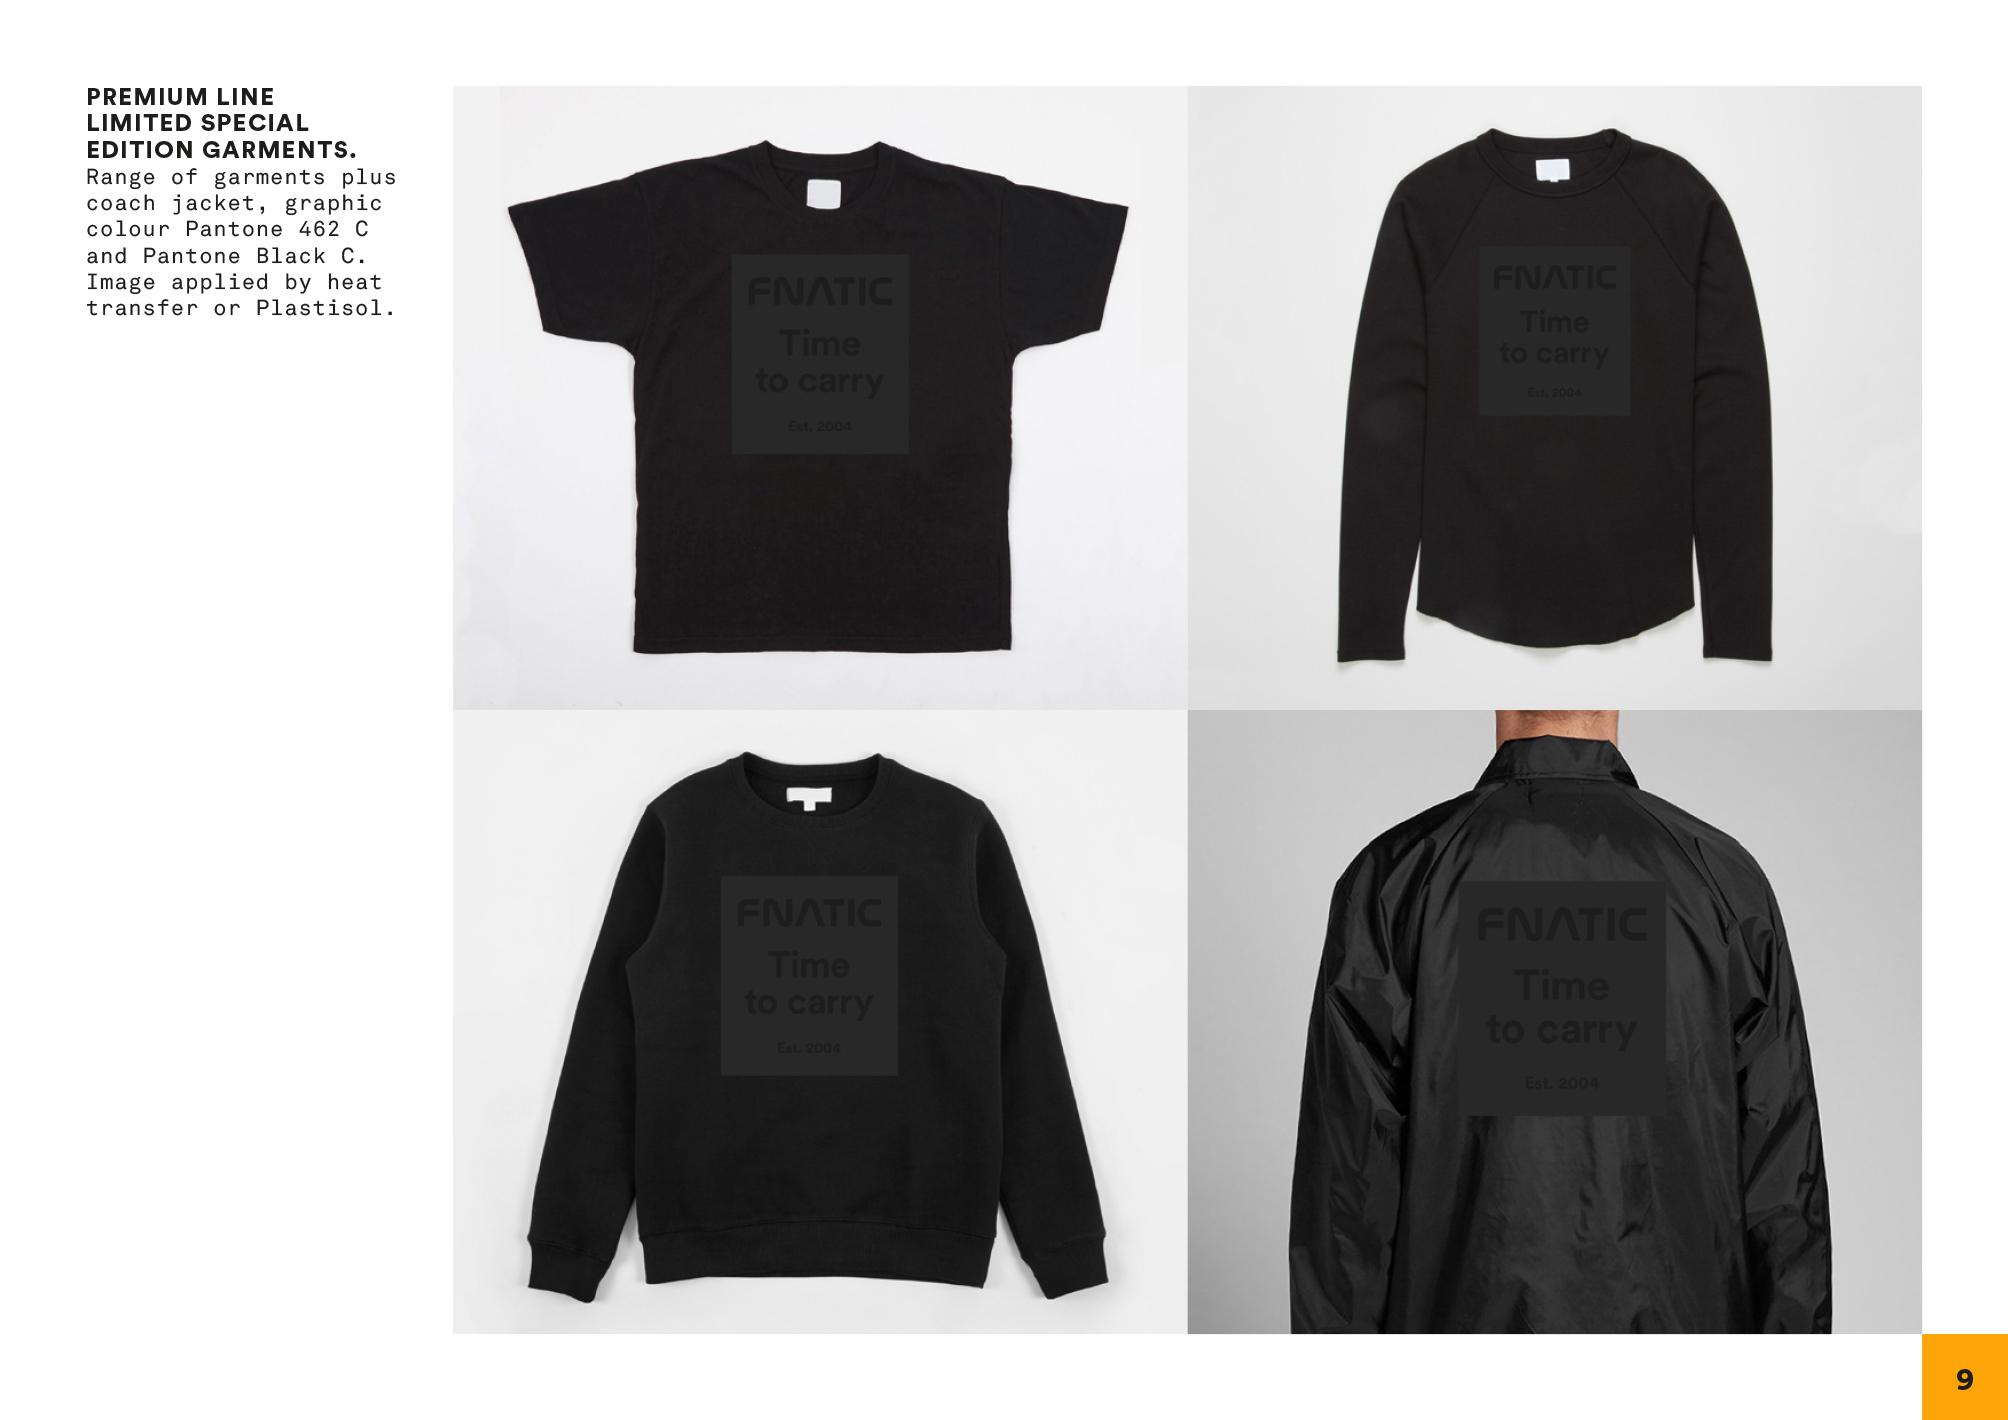 Fnatic clothing Robin Farley 2017-9